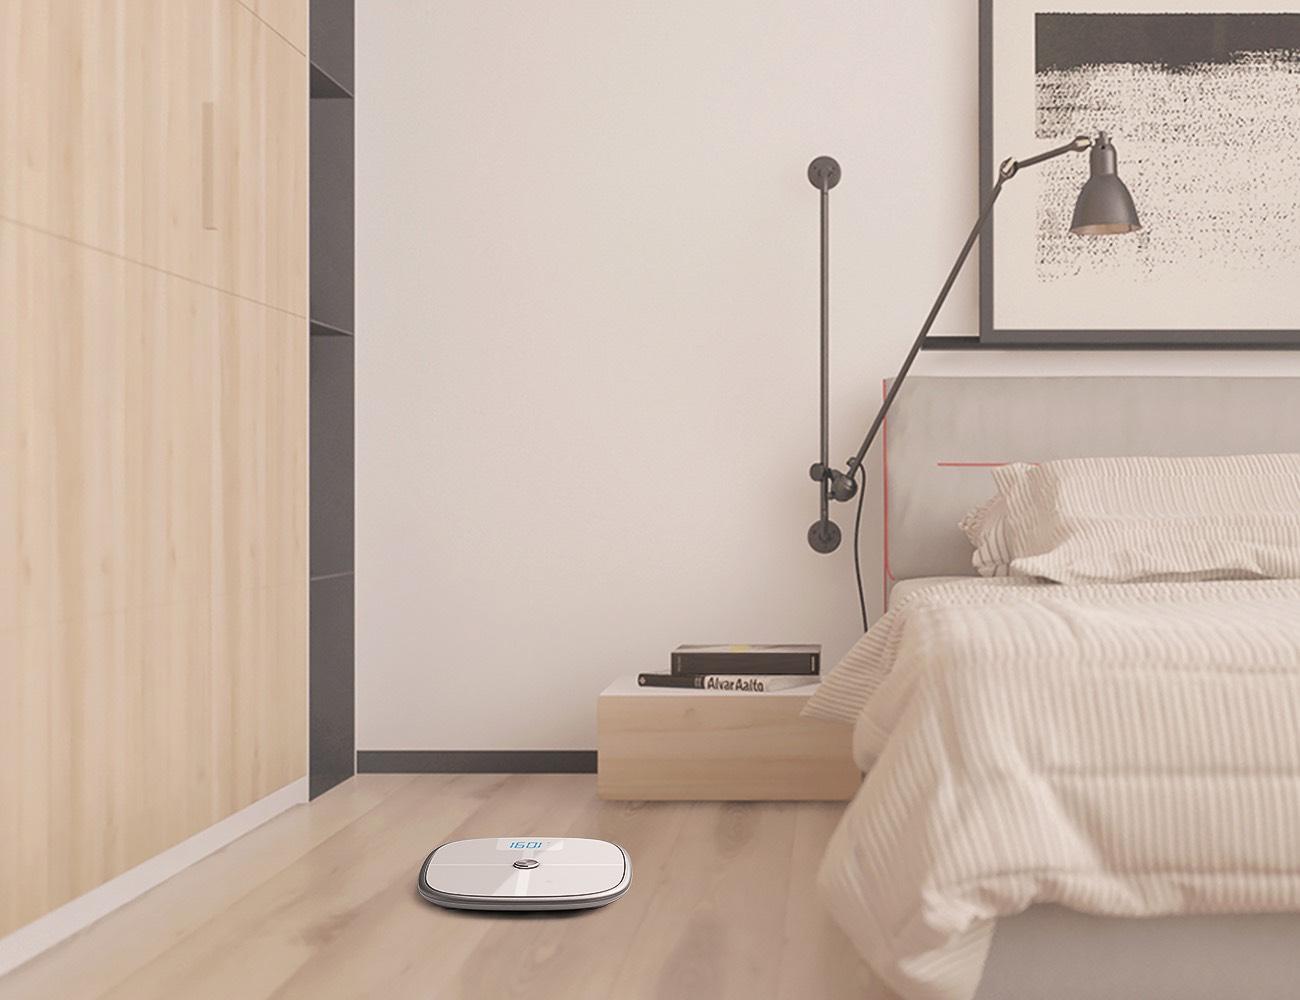 Koogeek Bluetooth Wifi Smart Scale